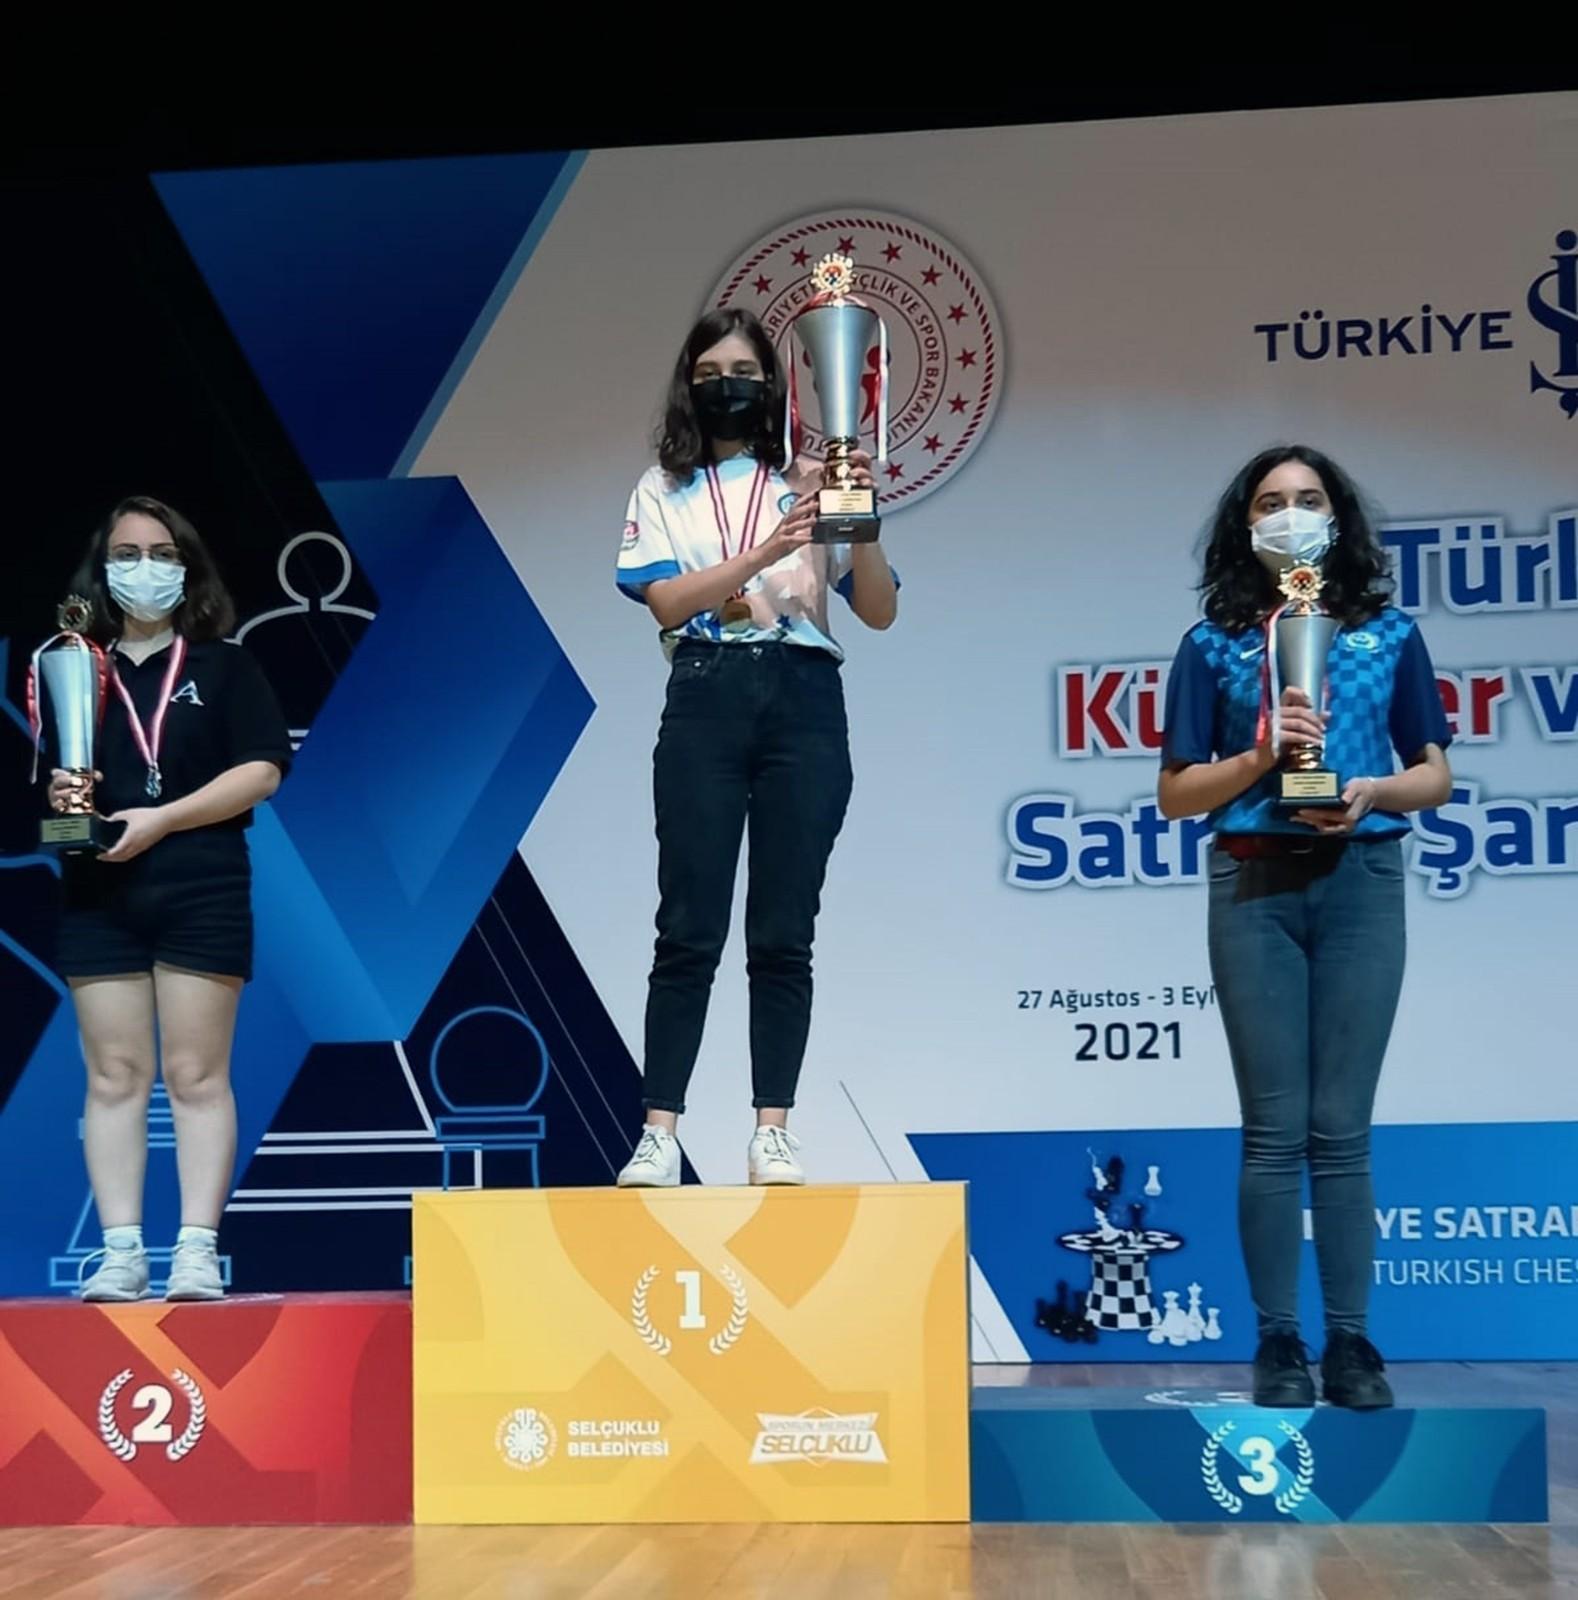 Büyükşehir satranççısı dünya şampiyonasında Türkiye'yi temsil edecek